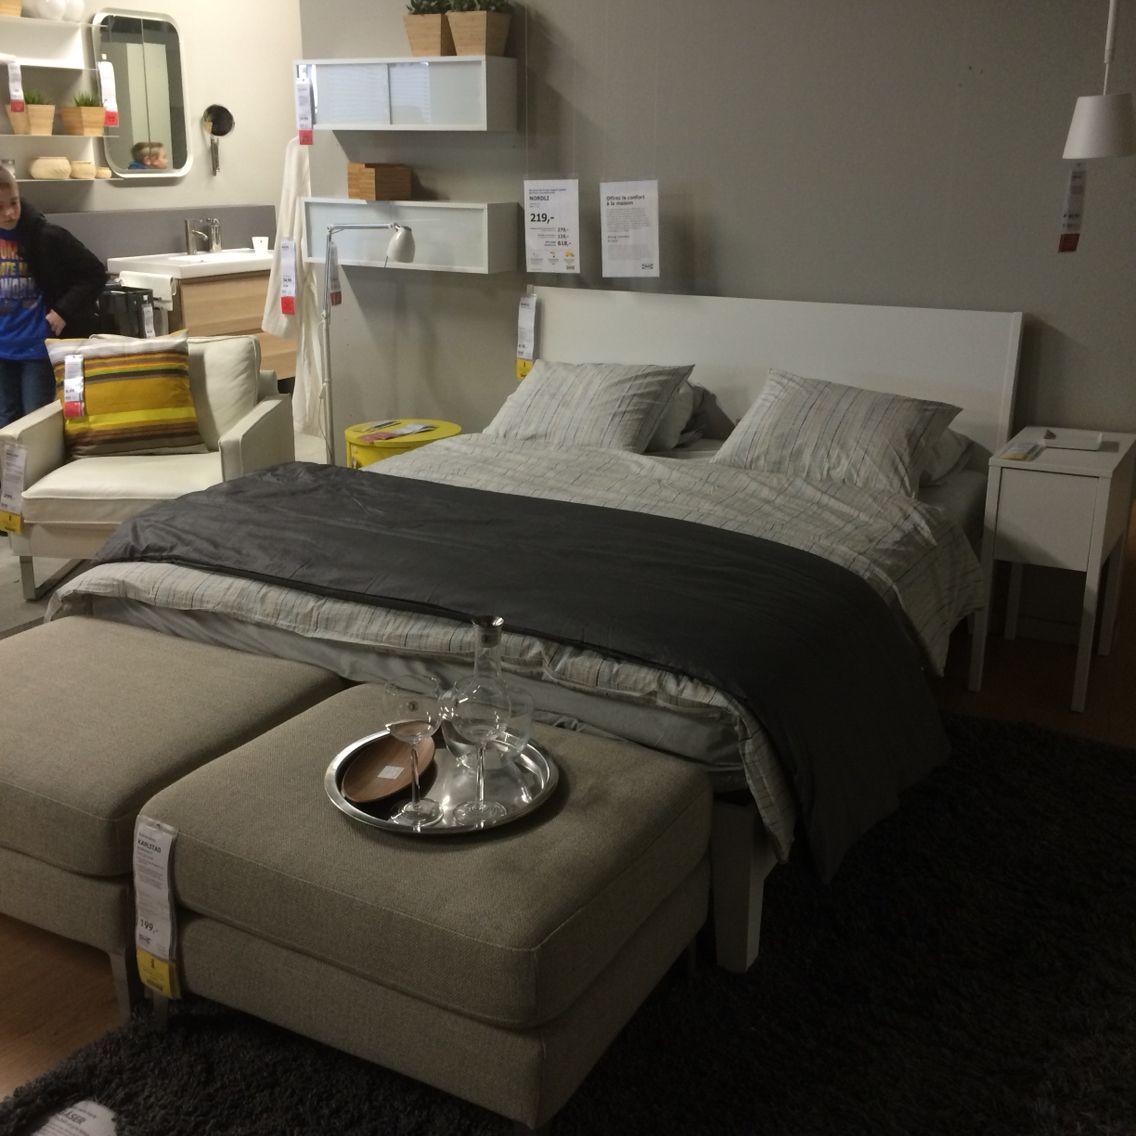 deux gros poufs en pied de lit j 39 adore plus du beau linge de lit cocooning ik a myikeabedro. Black Bedroom Furniture Sets. Home Design Ideas